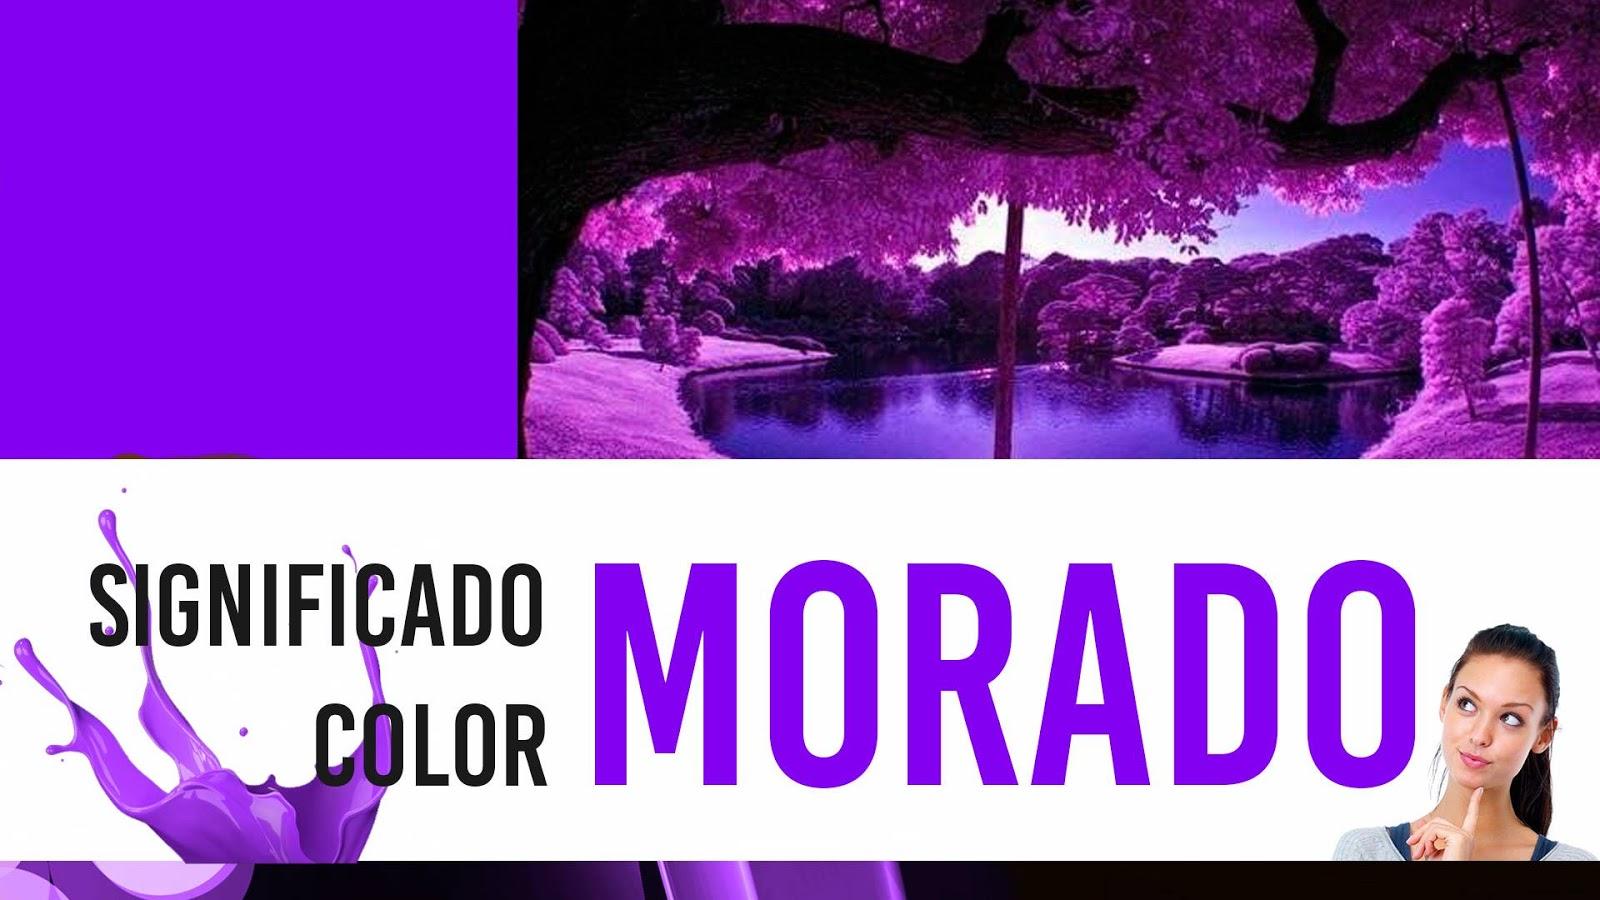 ¿Qué Significa El Color MORADO? Significado Y Definición